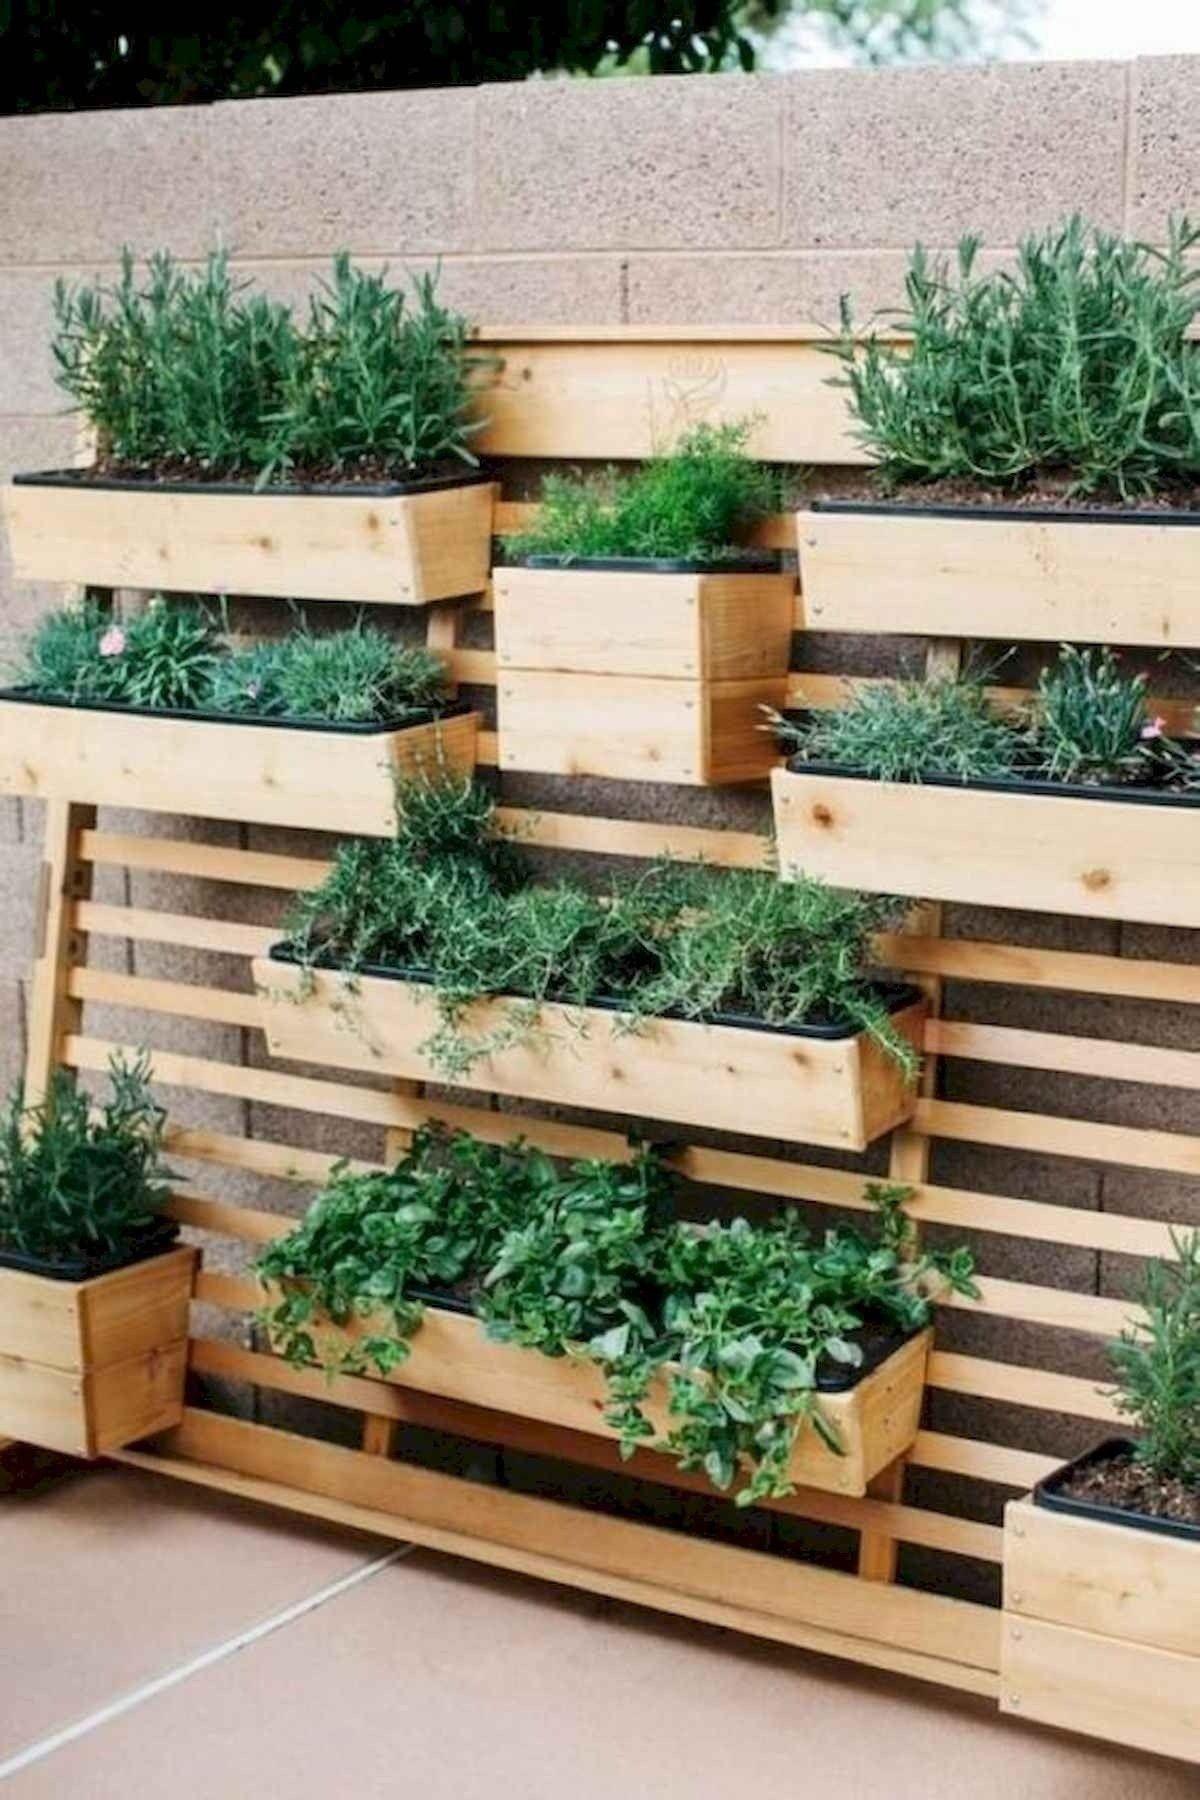 26 Kreative Ideen und Dekorationen für Gemüsegärten ,  #Dekorationen #für #Gemüsegärten